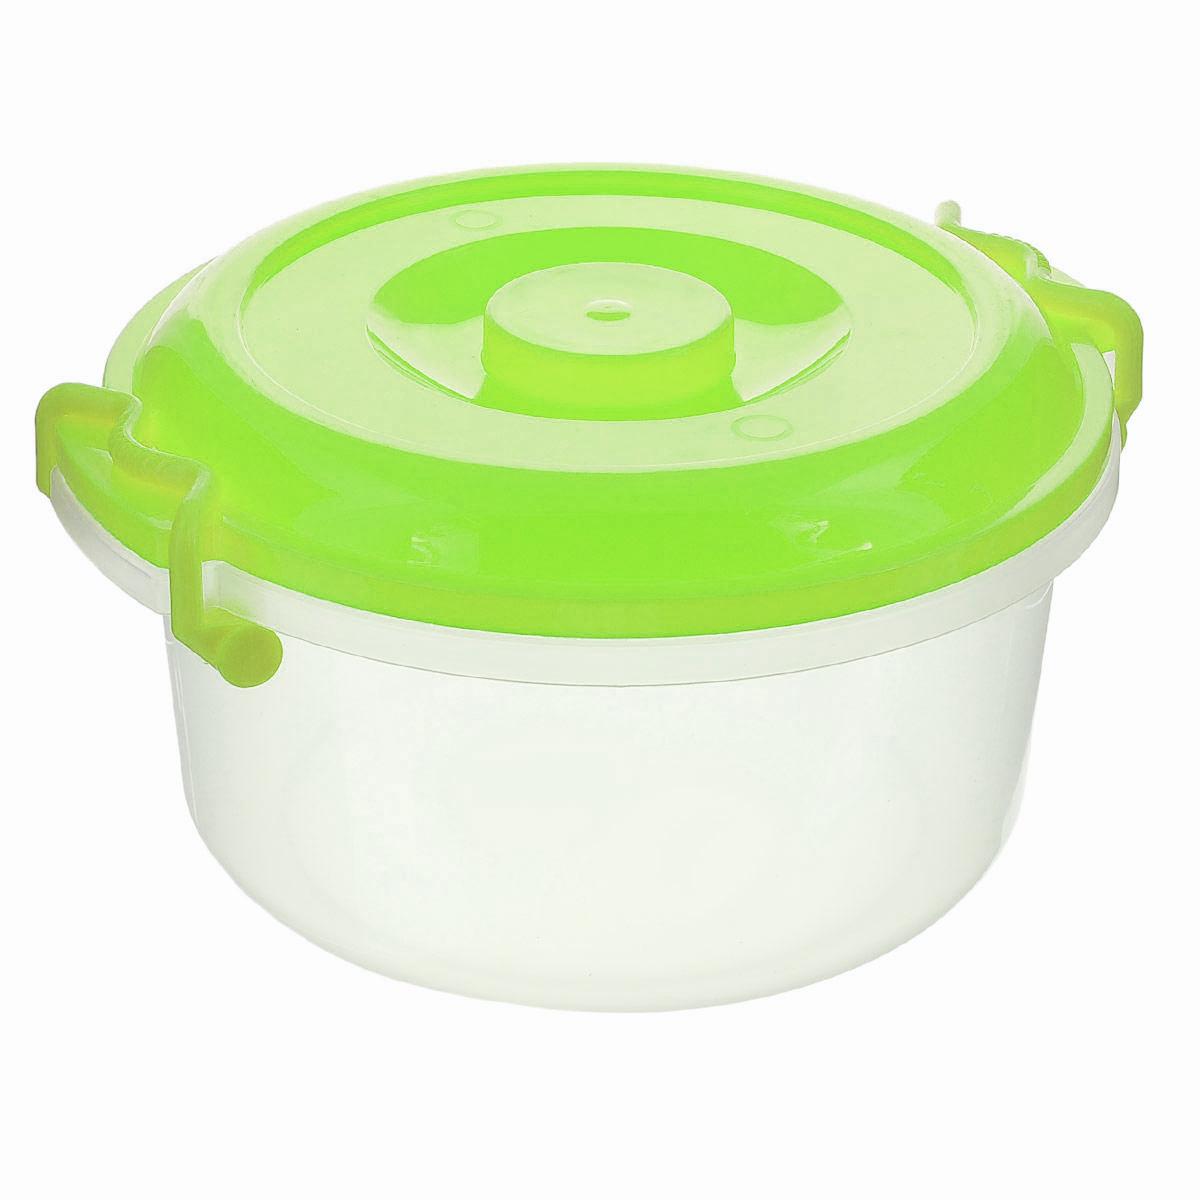 Контейнер Альтернатива, цвет: прозрачный, зеленый, 5 лM097_зеленыйКонтейнер Альтернатива изготовлен из высококачественного пищевого пластика. Изделие оснащено крышкой и ручками, которые плотно закрывают контейнер. Также на крышке имеется ручка для удобной переноски. Емкость предназначена для хранения различных бытовых вещей и продуктов. Такой контейнер очень функционален и всегда пригодится на кухне. Диаметр контейнера (по верхнему краю): 25 см. Высота стенок: 13,5 см. Объем: 5 л.